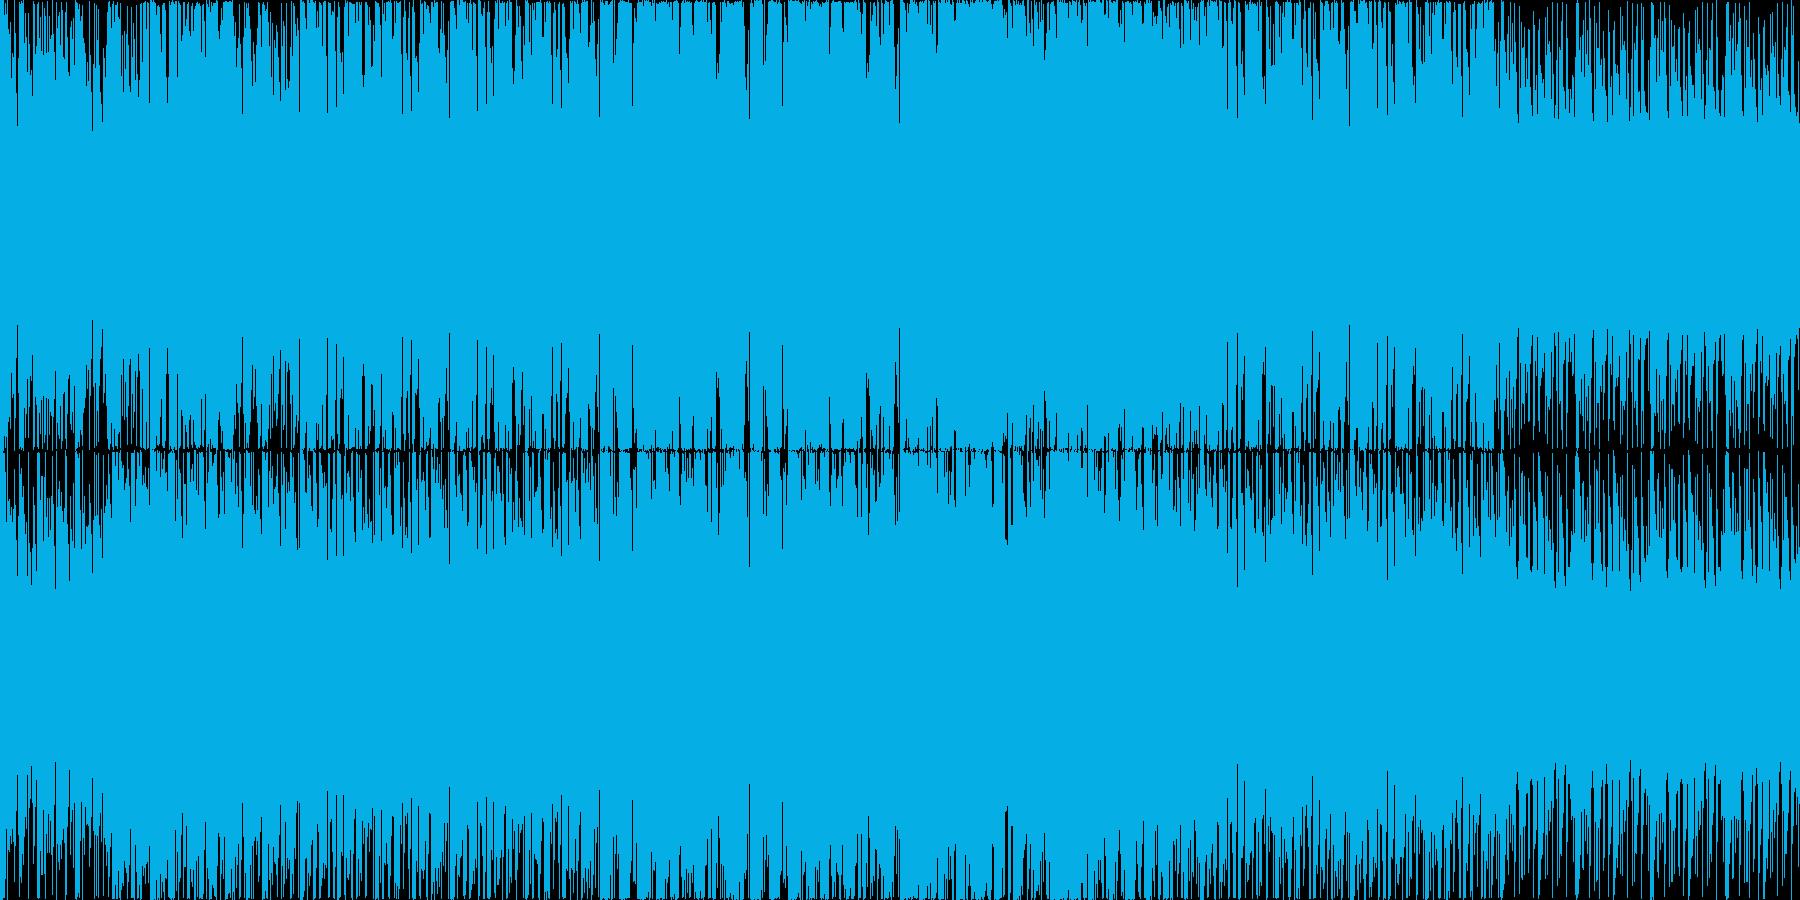 民族楽器を使用した疾走感のあるループ楽曲の再生済みの波形